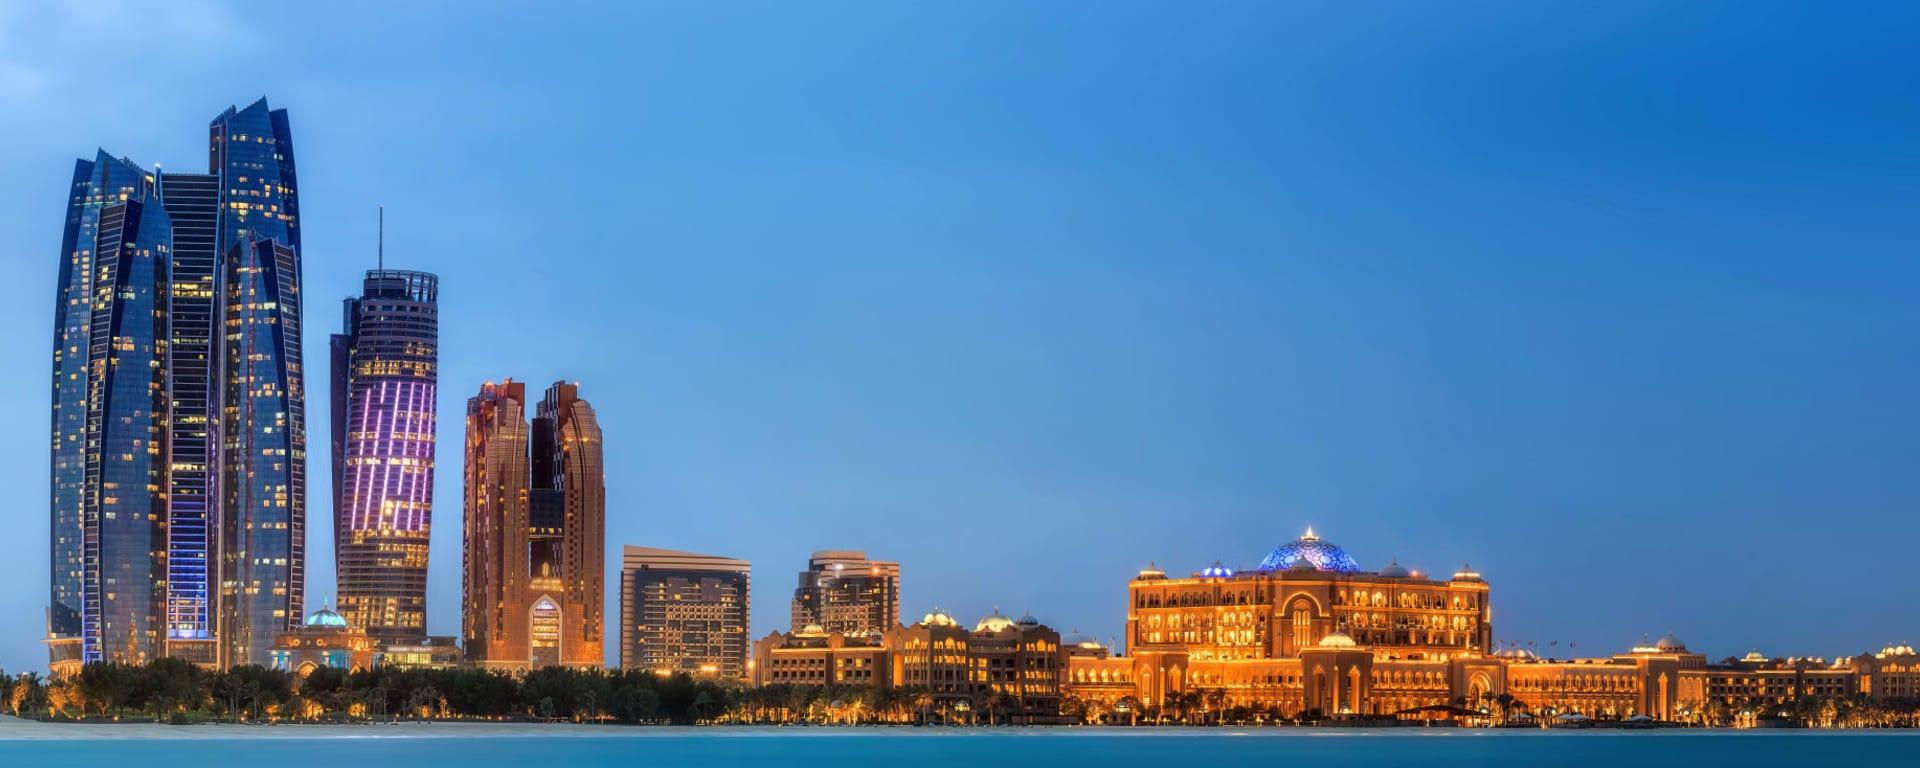 Vereinigte Arabische Emirate entdecken mit Tischler Reisen: Abu Dhabi Panorama Emirates Towers